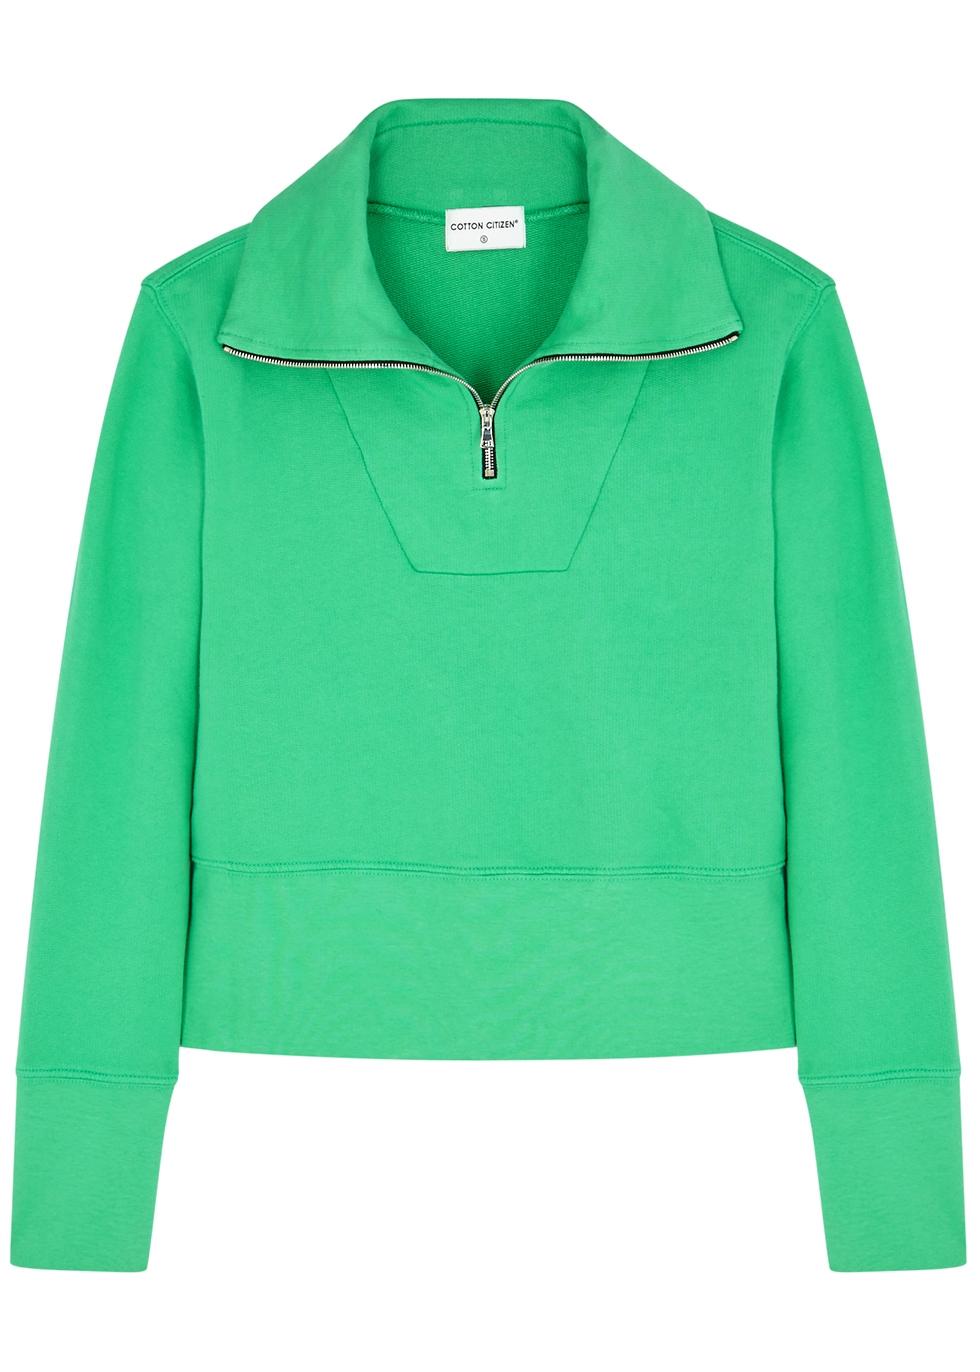 Milan green cotton sweatshirt - Cotton Citizen